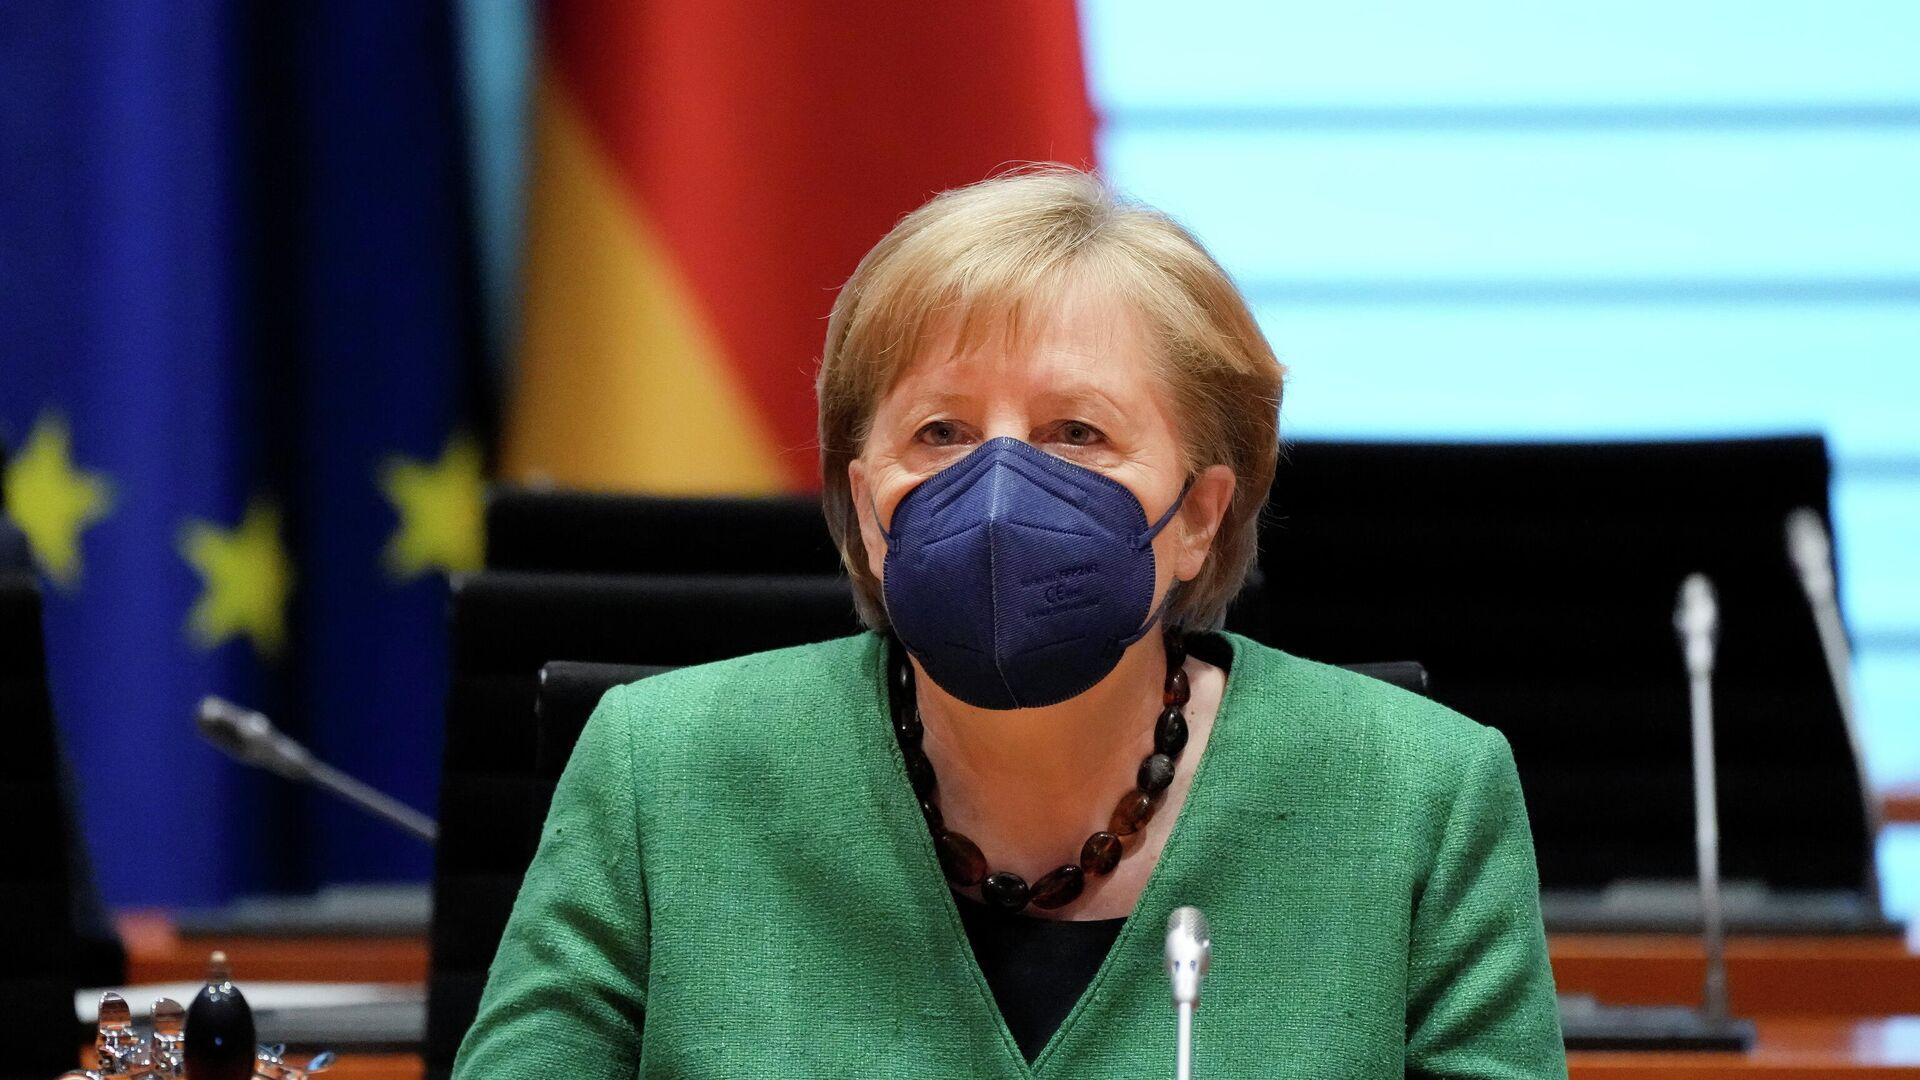 Angela Merkel, la canciller alemana - Sputnik Mundo, 1920, 26.05.2021